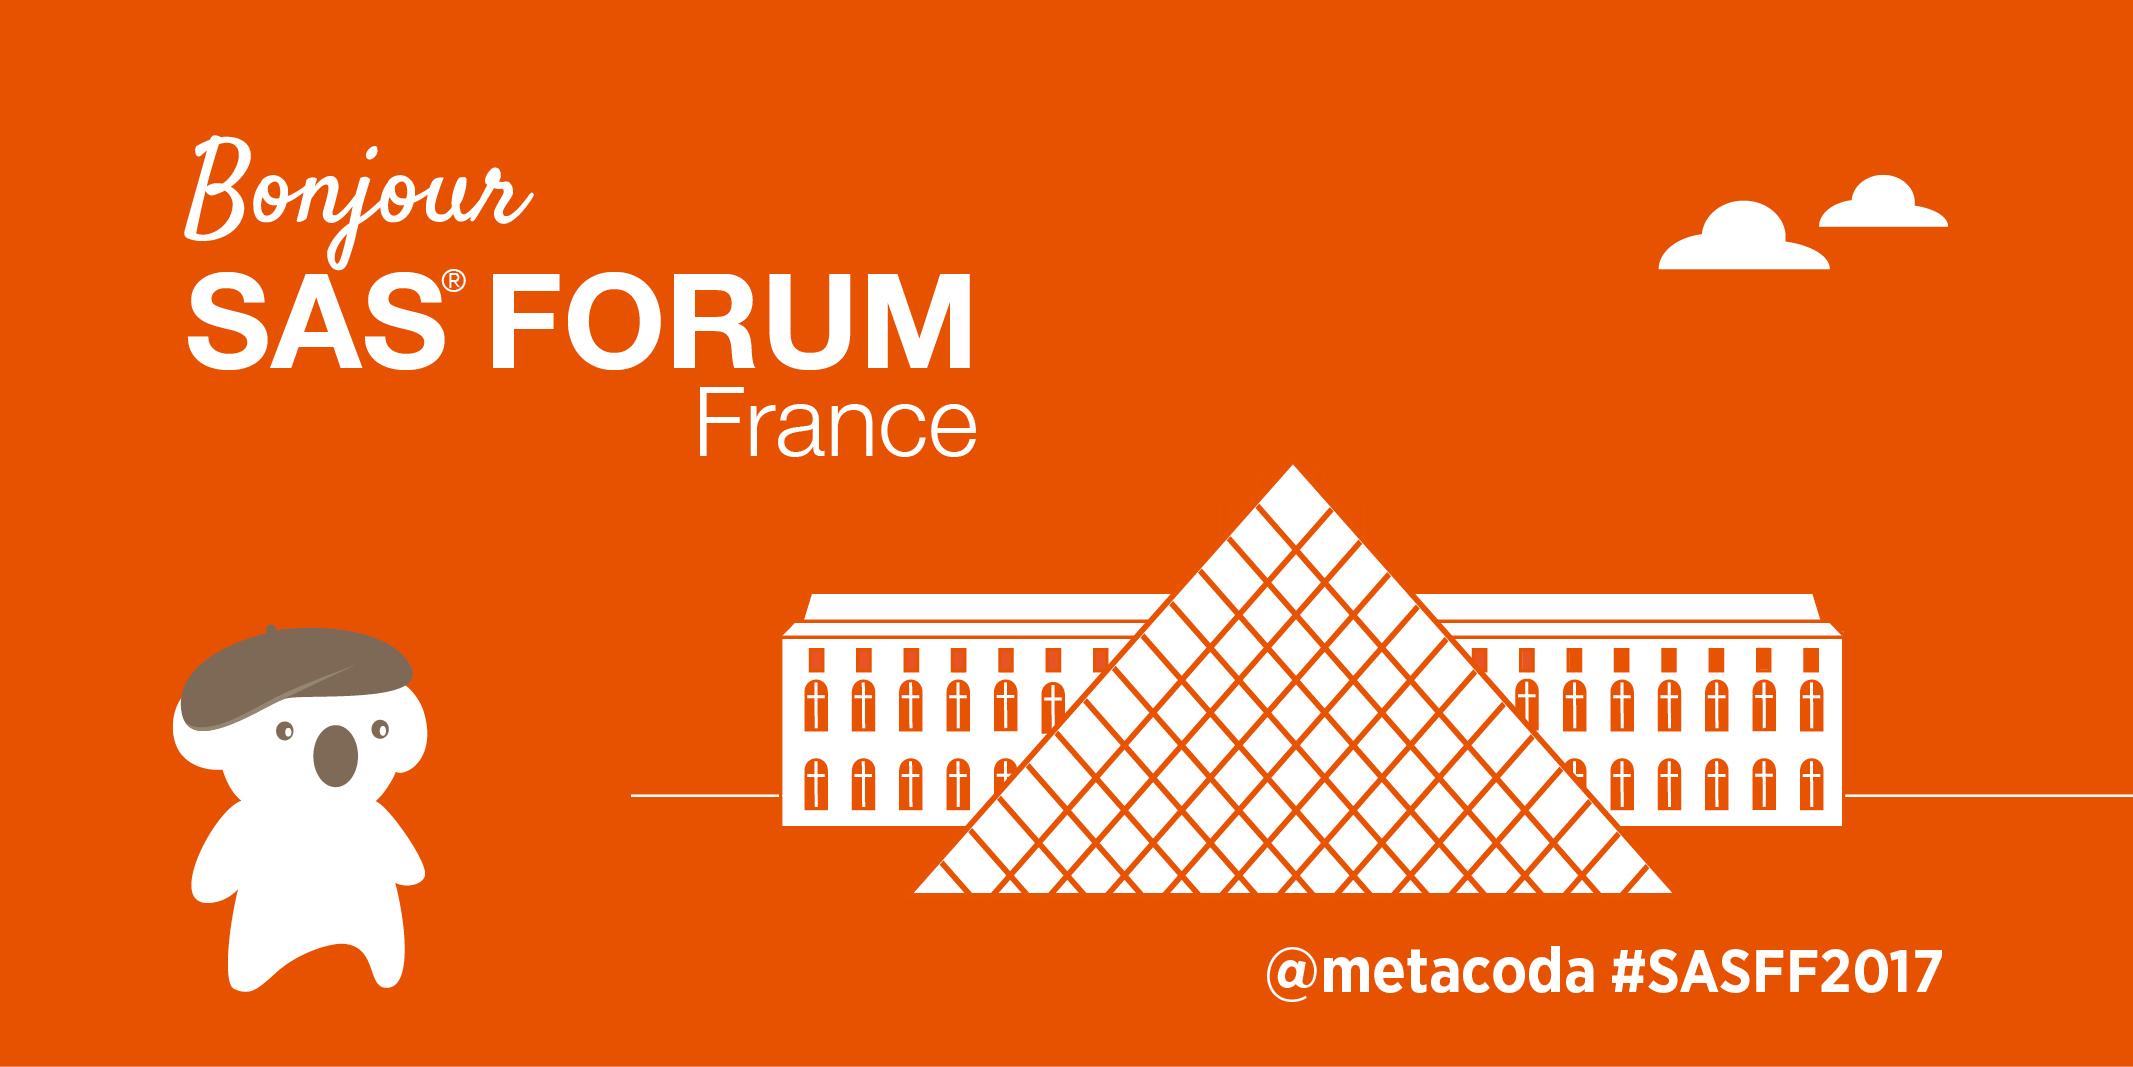 Metacoda SAS Forum France 2017 Social Tile